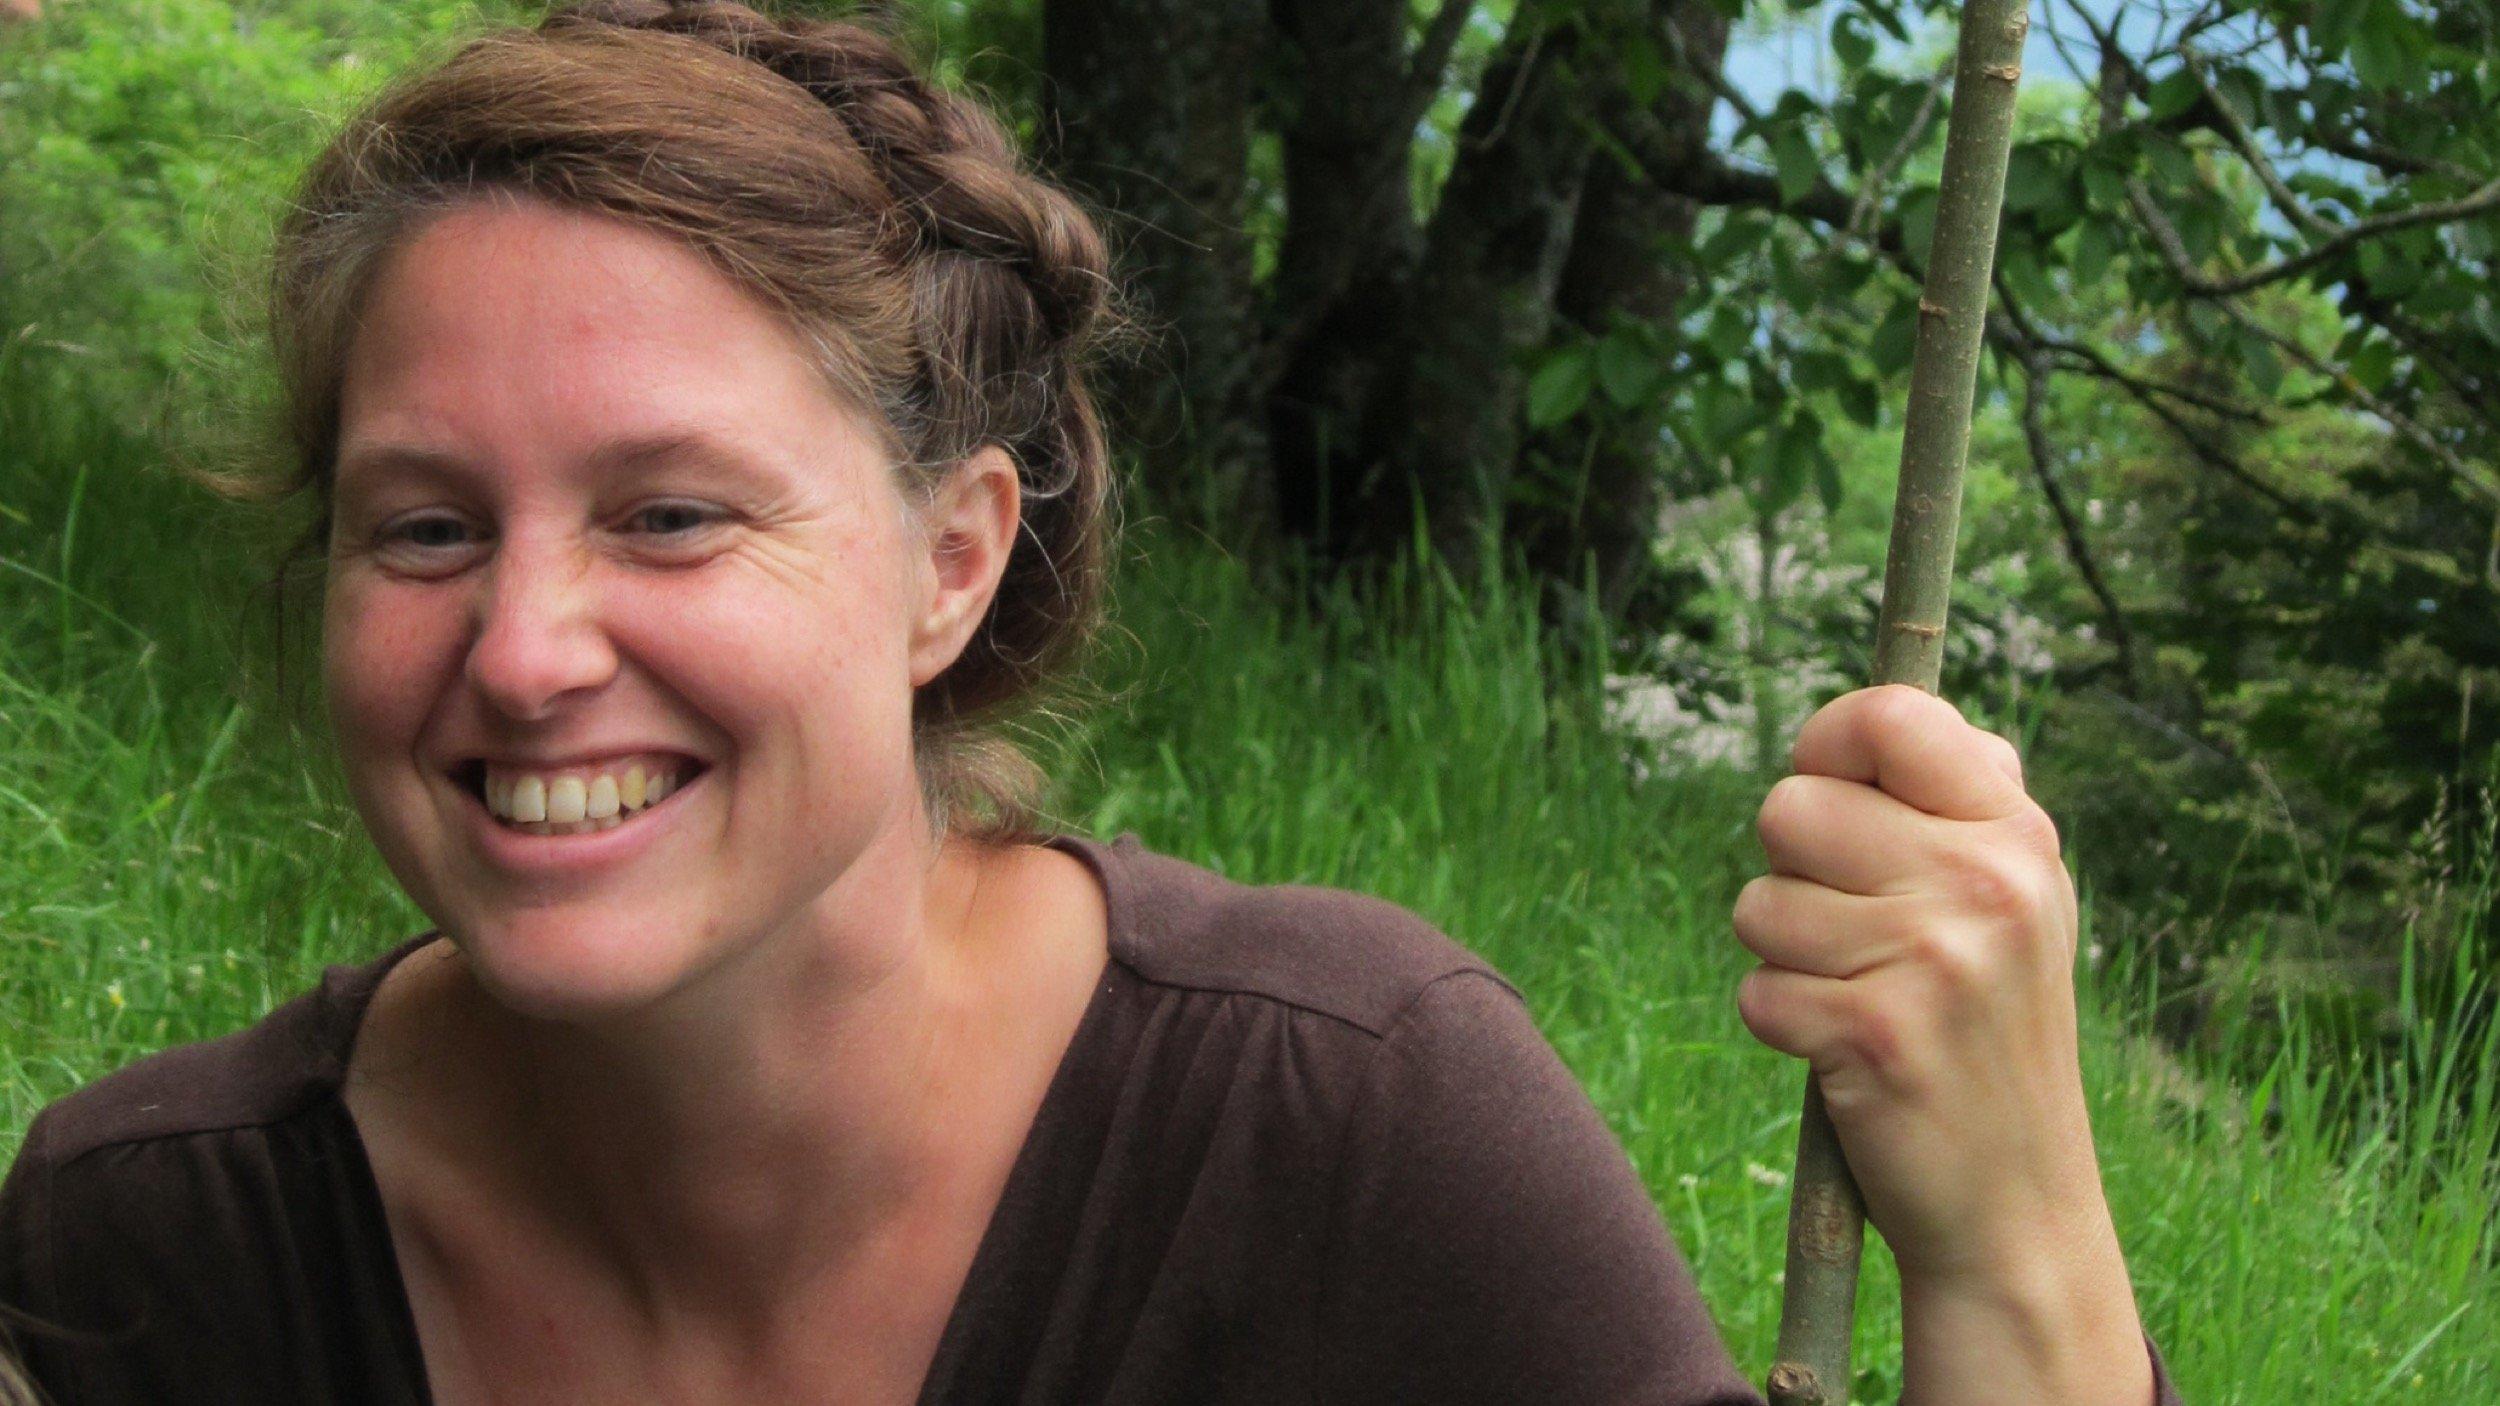 Aufnahme von Anke Jentsch in der Natur.